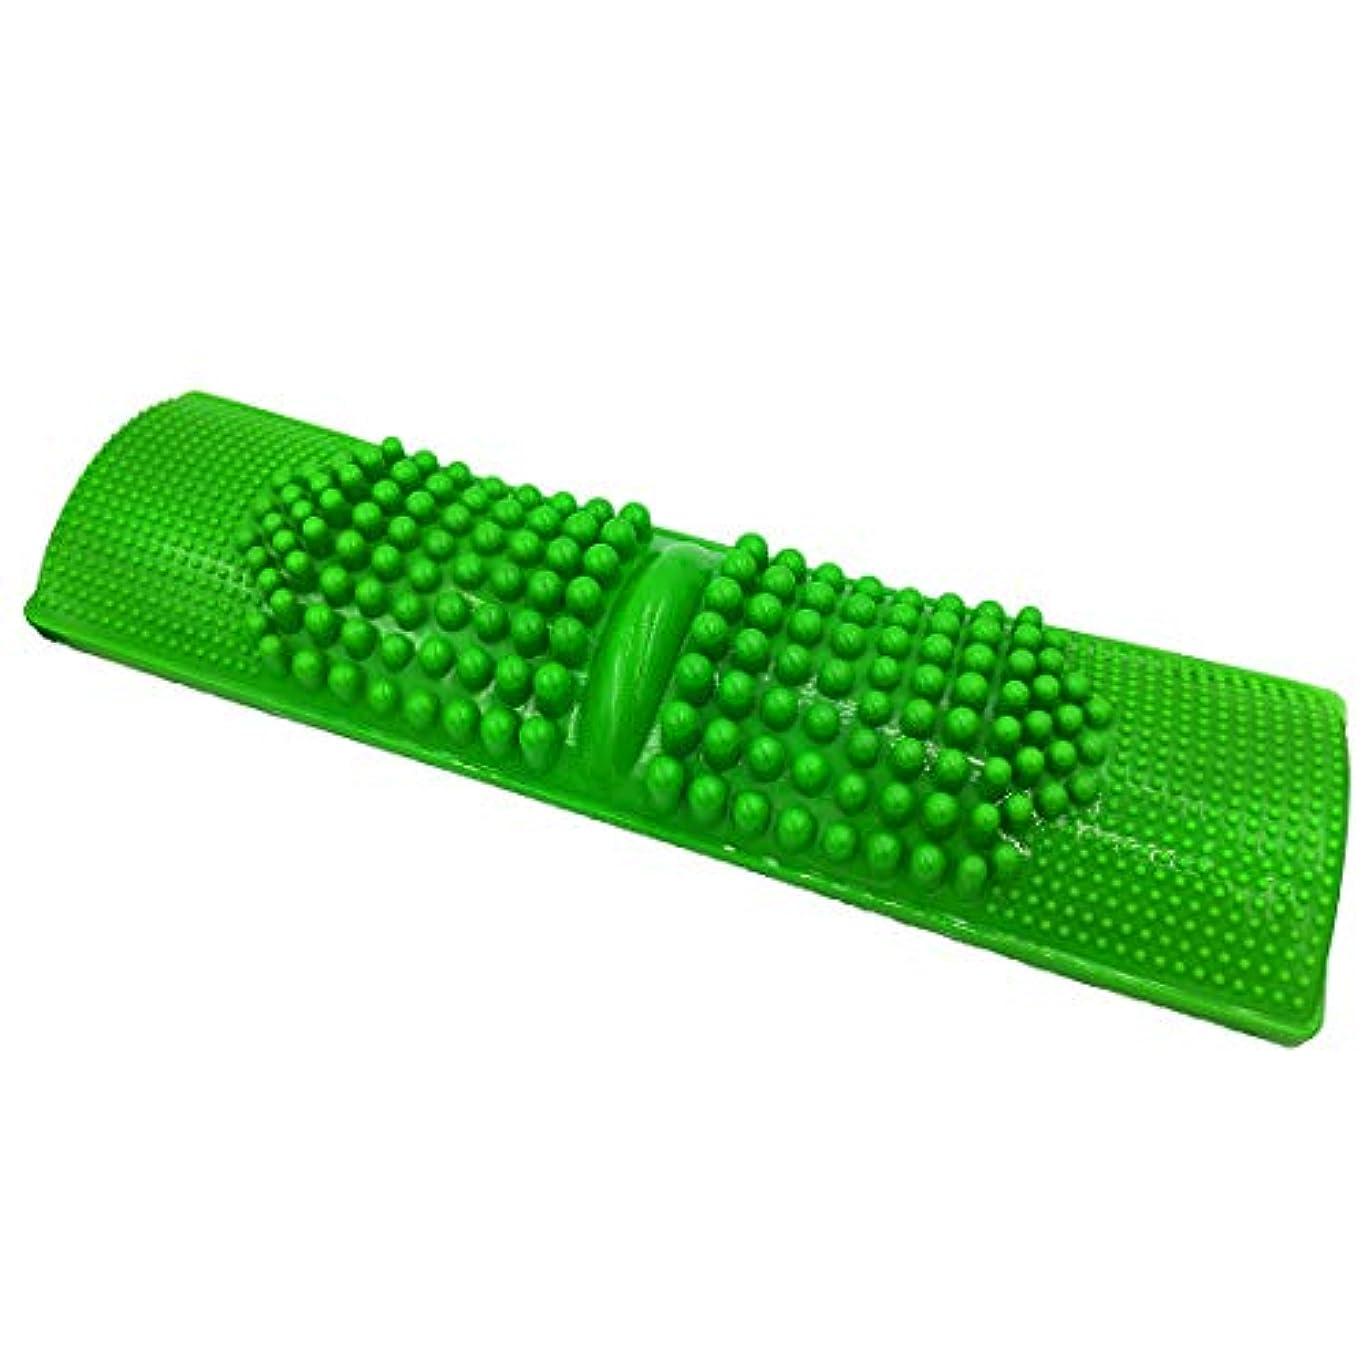 伴う最終司令官Andexi 足つぼマッサージ 足つぼマット 足つぼ 足踏み 足裏刺激 健康雑貨 サイズ:40*11cm 緑